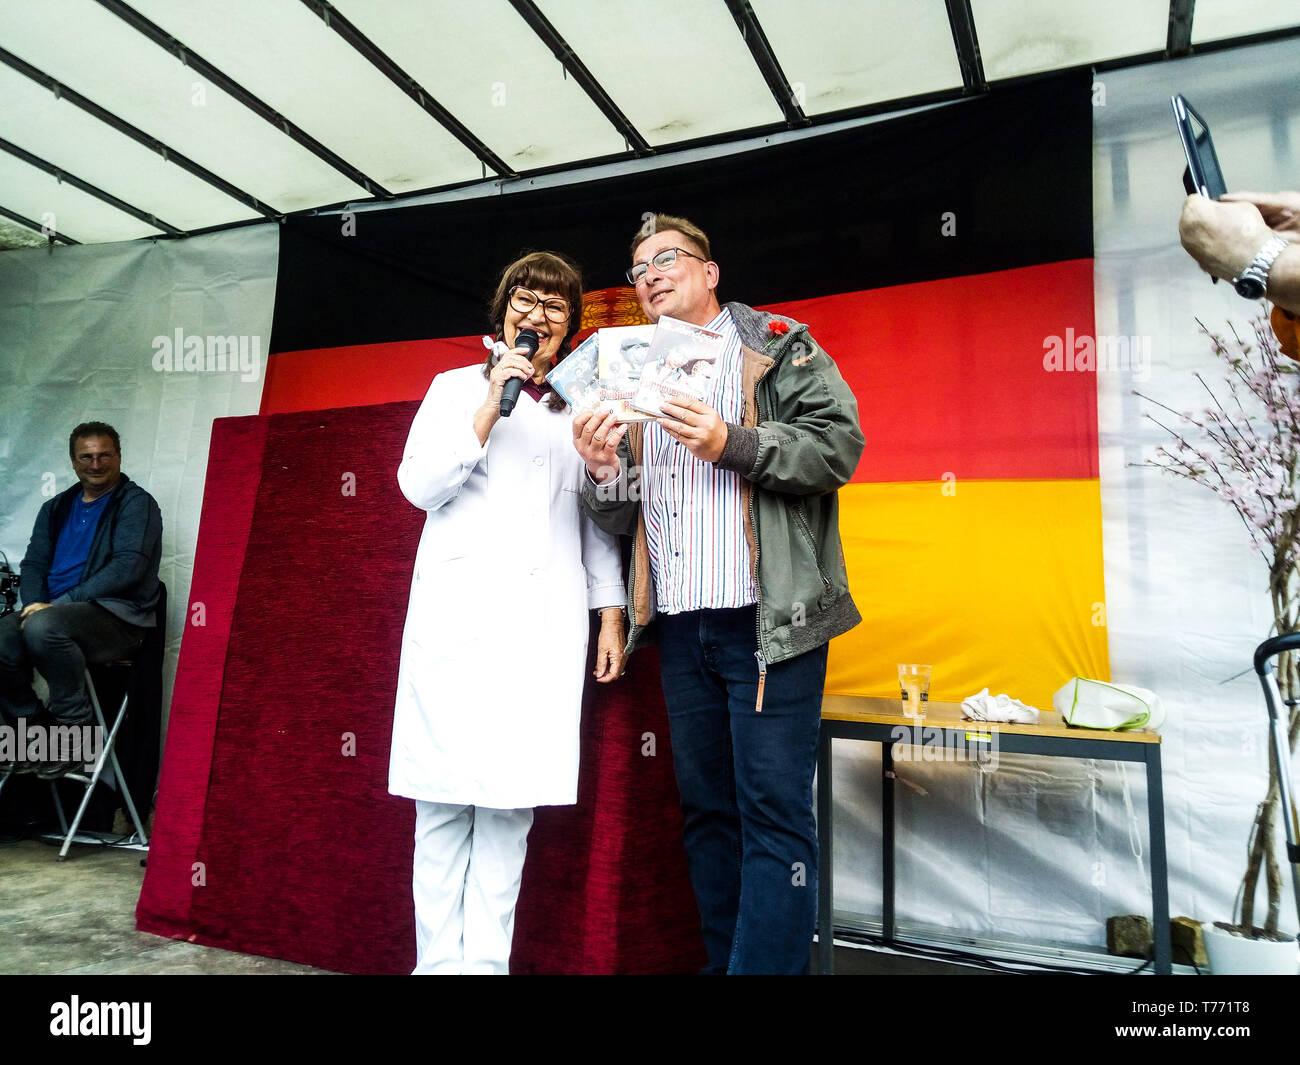 Frau Puppendoktor Pille alias Urte Blankenstein und der Chef des DDR Museums Conny Kaden beim Familientag vom DDR Museum Pirna. Pirna, 01.05.2019 Stock Photo